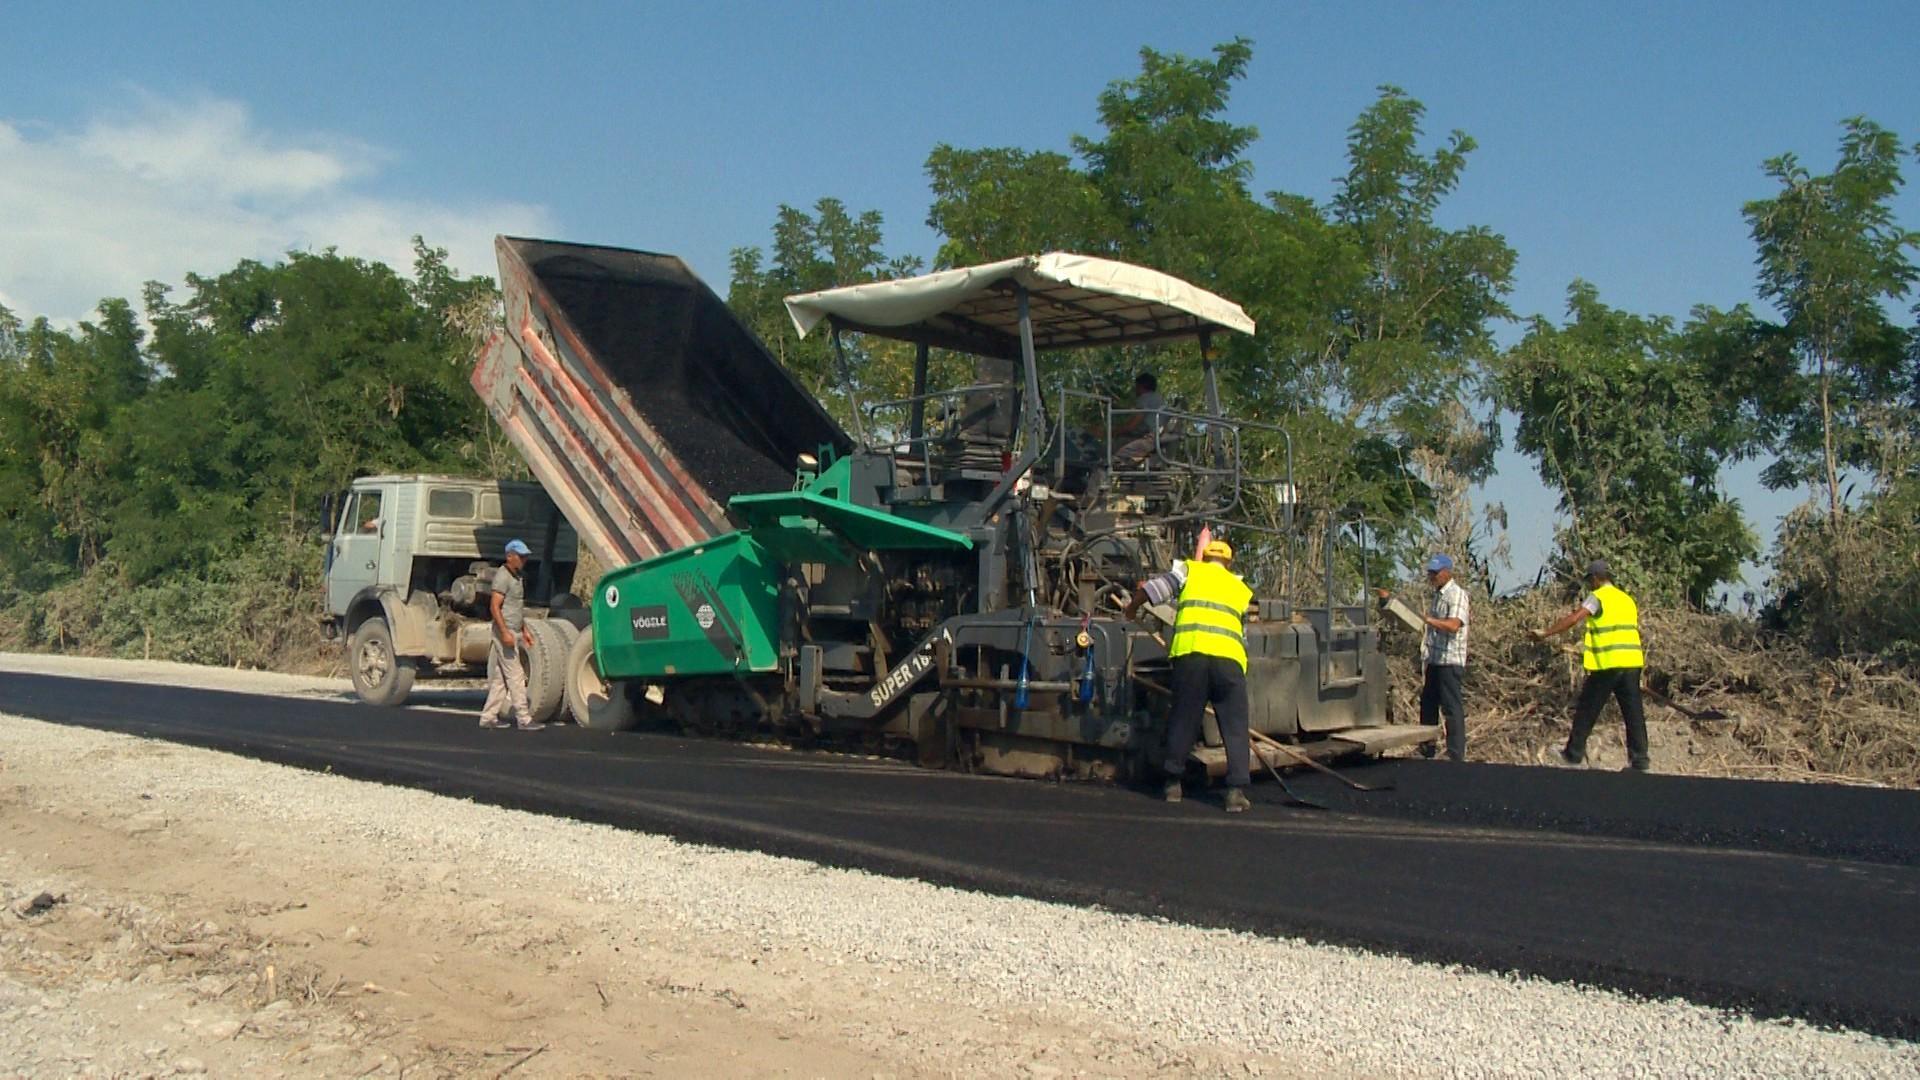 Продолжается масштабная реконструкция дорог в регионах Азербайджана (ФОТО)